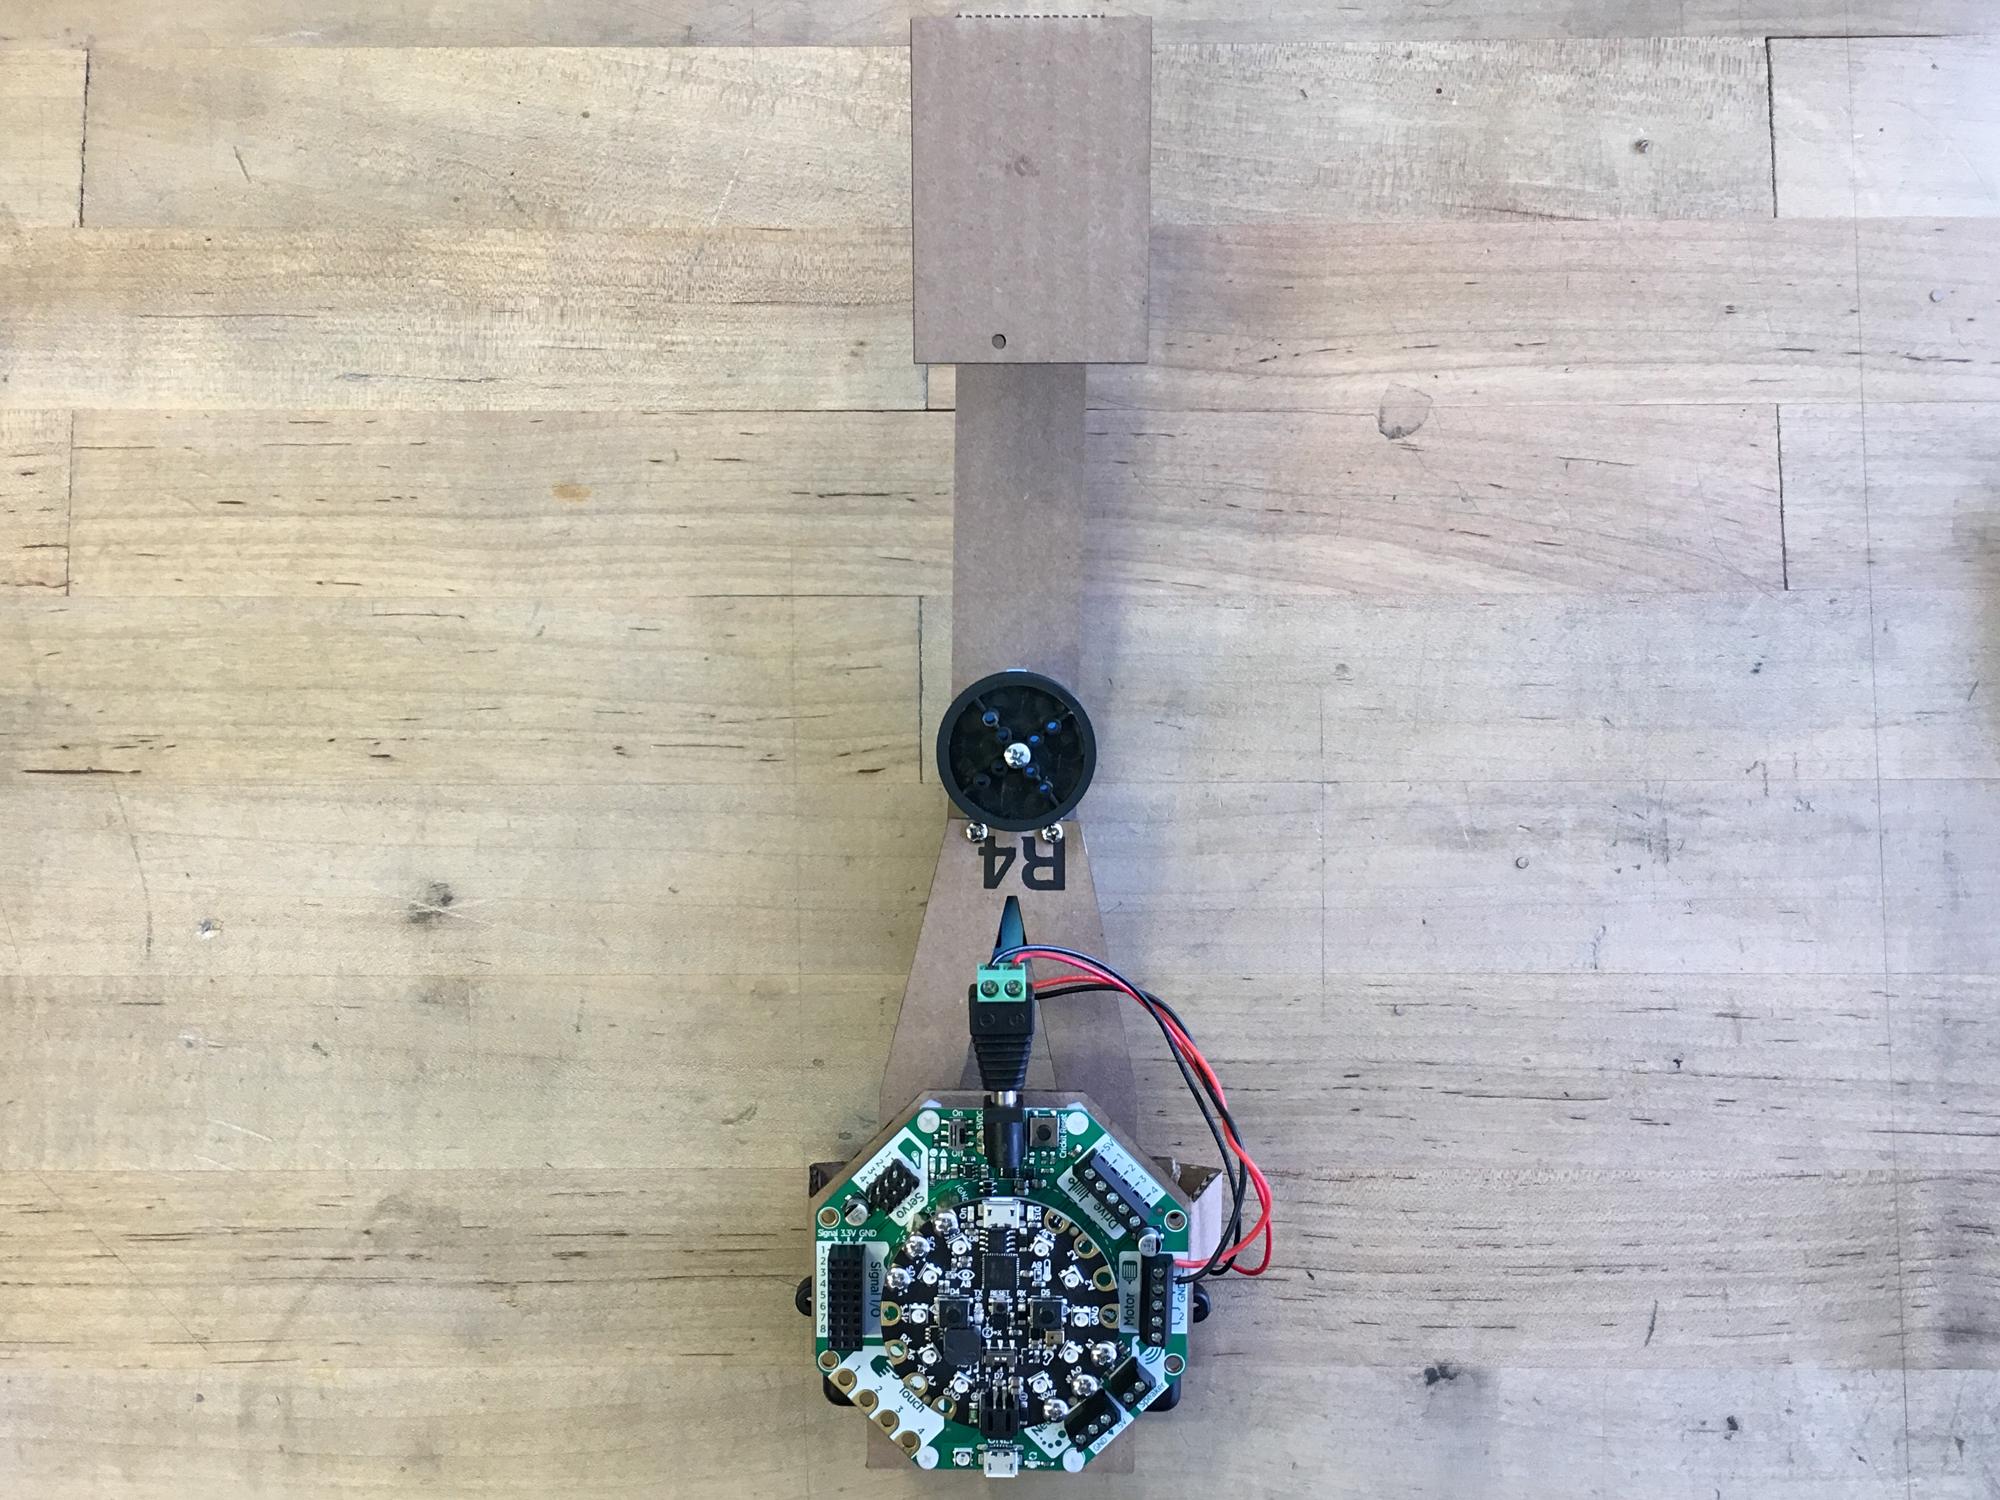 robotics___cnc_uni_bot_0063_2k.jpg